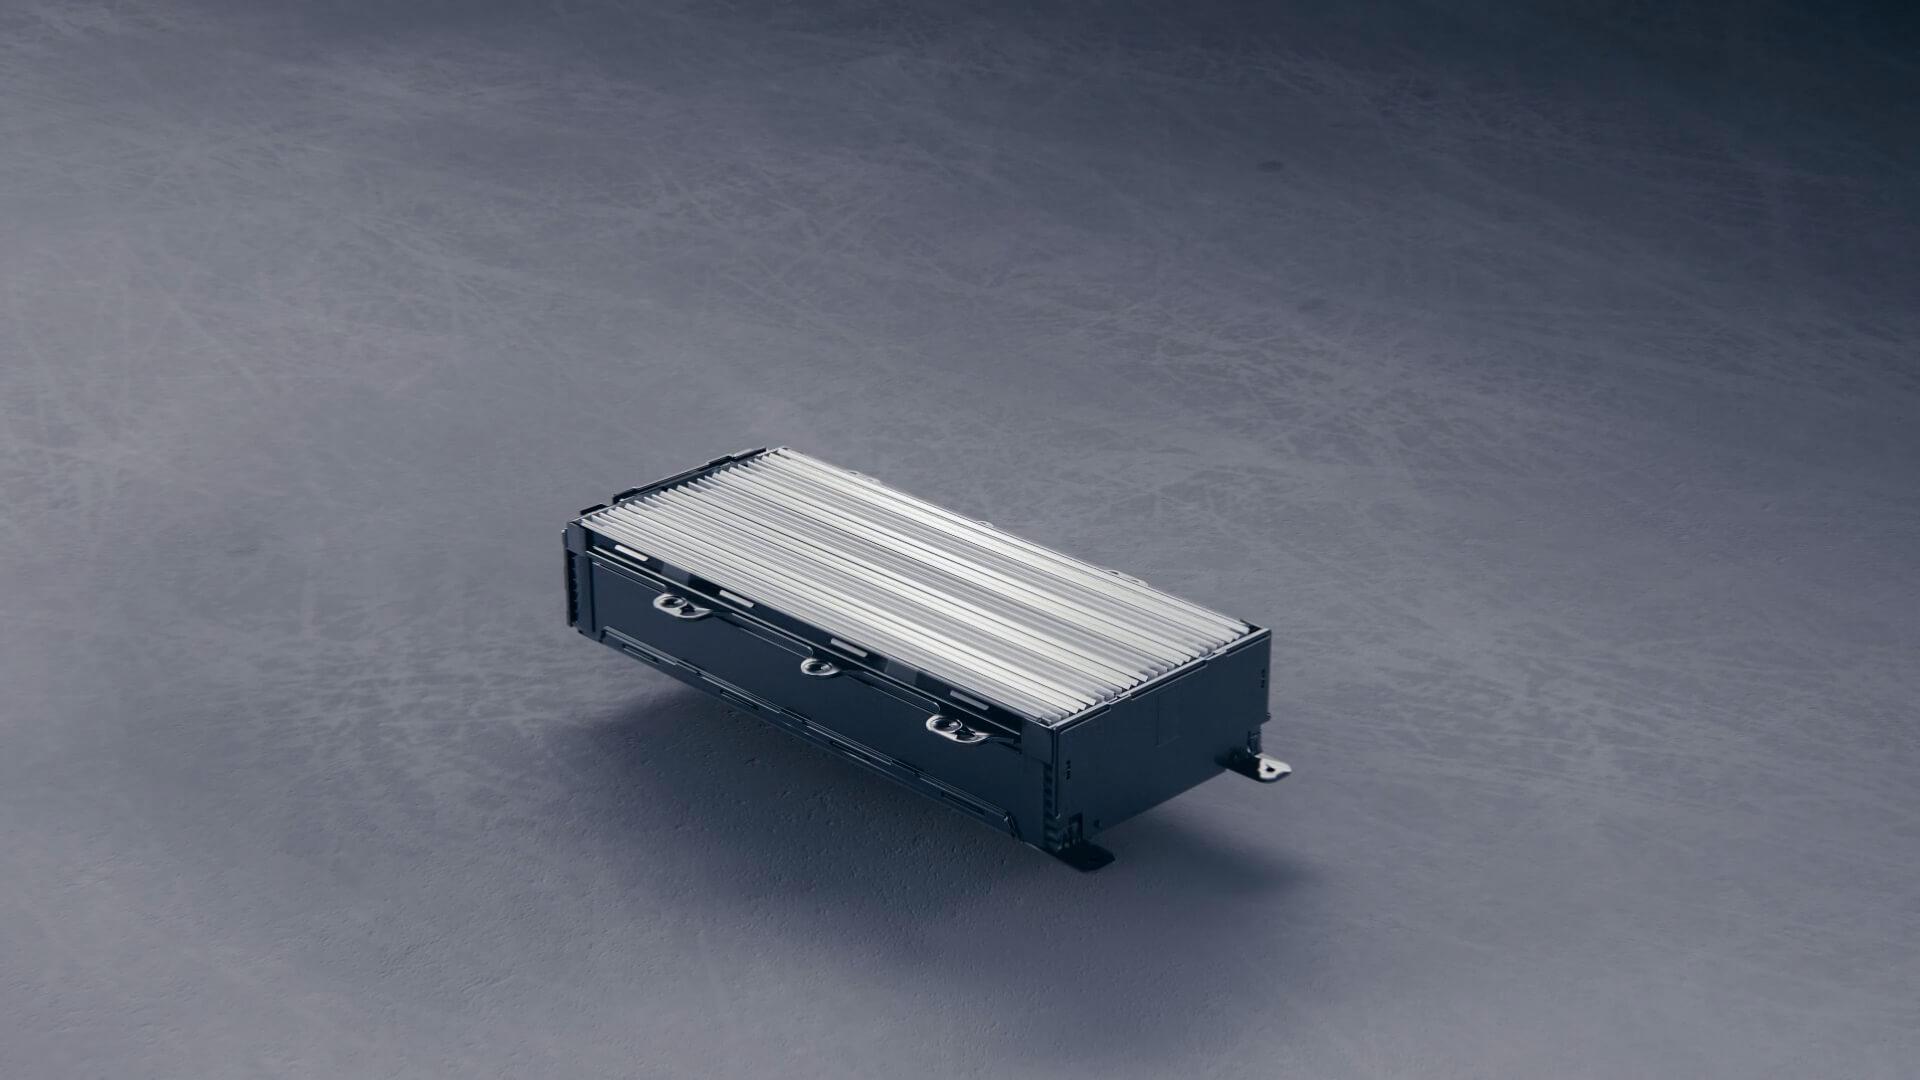 Каждый аккумуляторный модуль General Motors Ultium содержит 24 аккумуляторных элемента